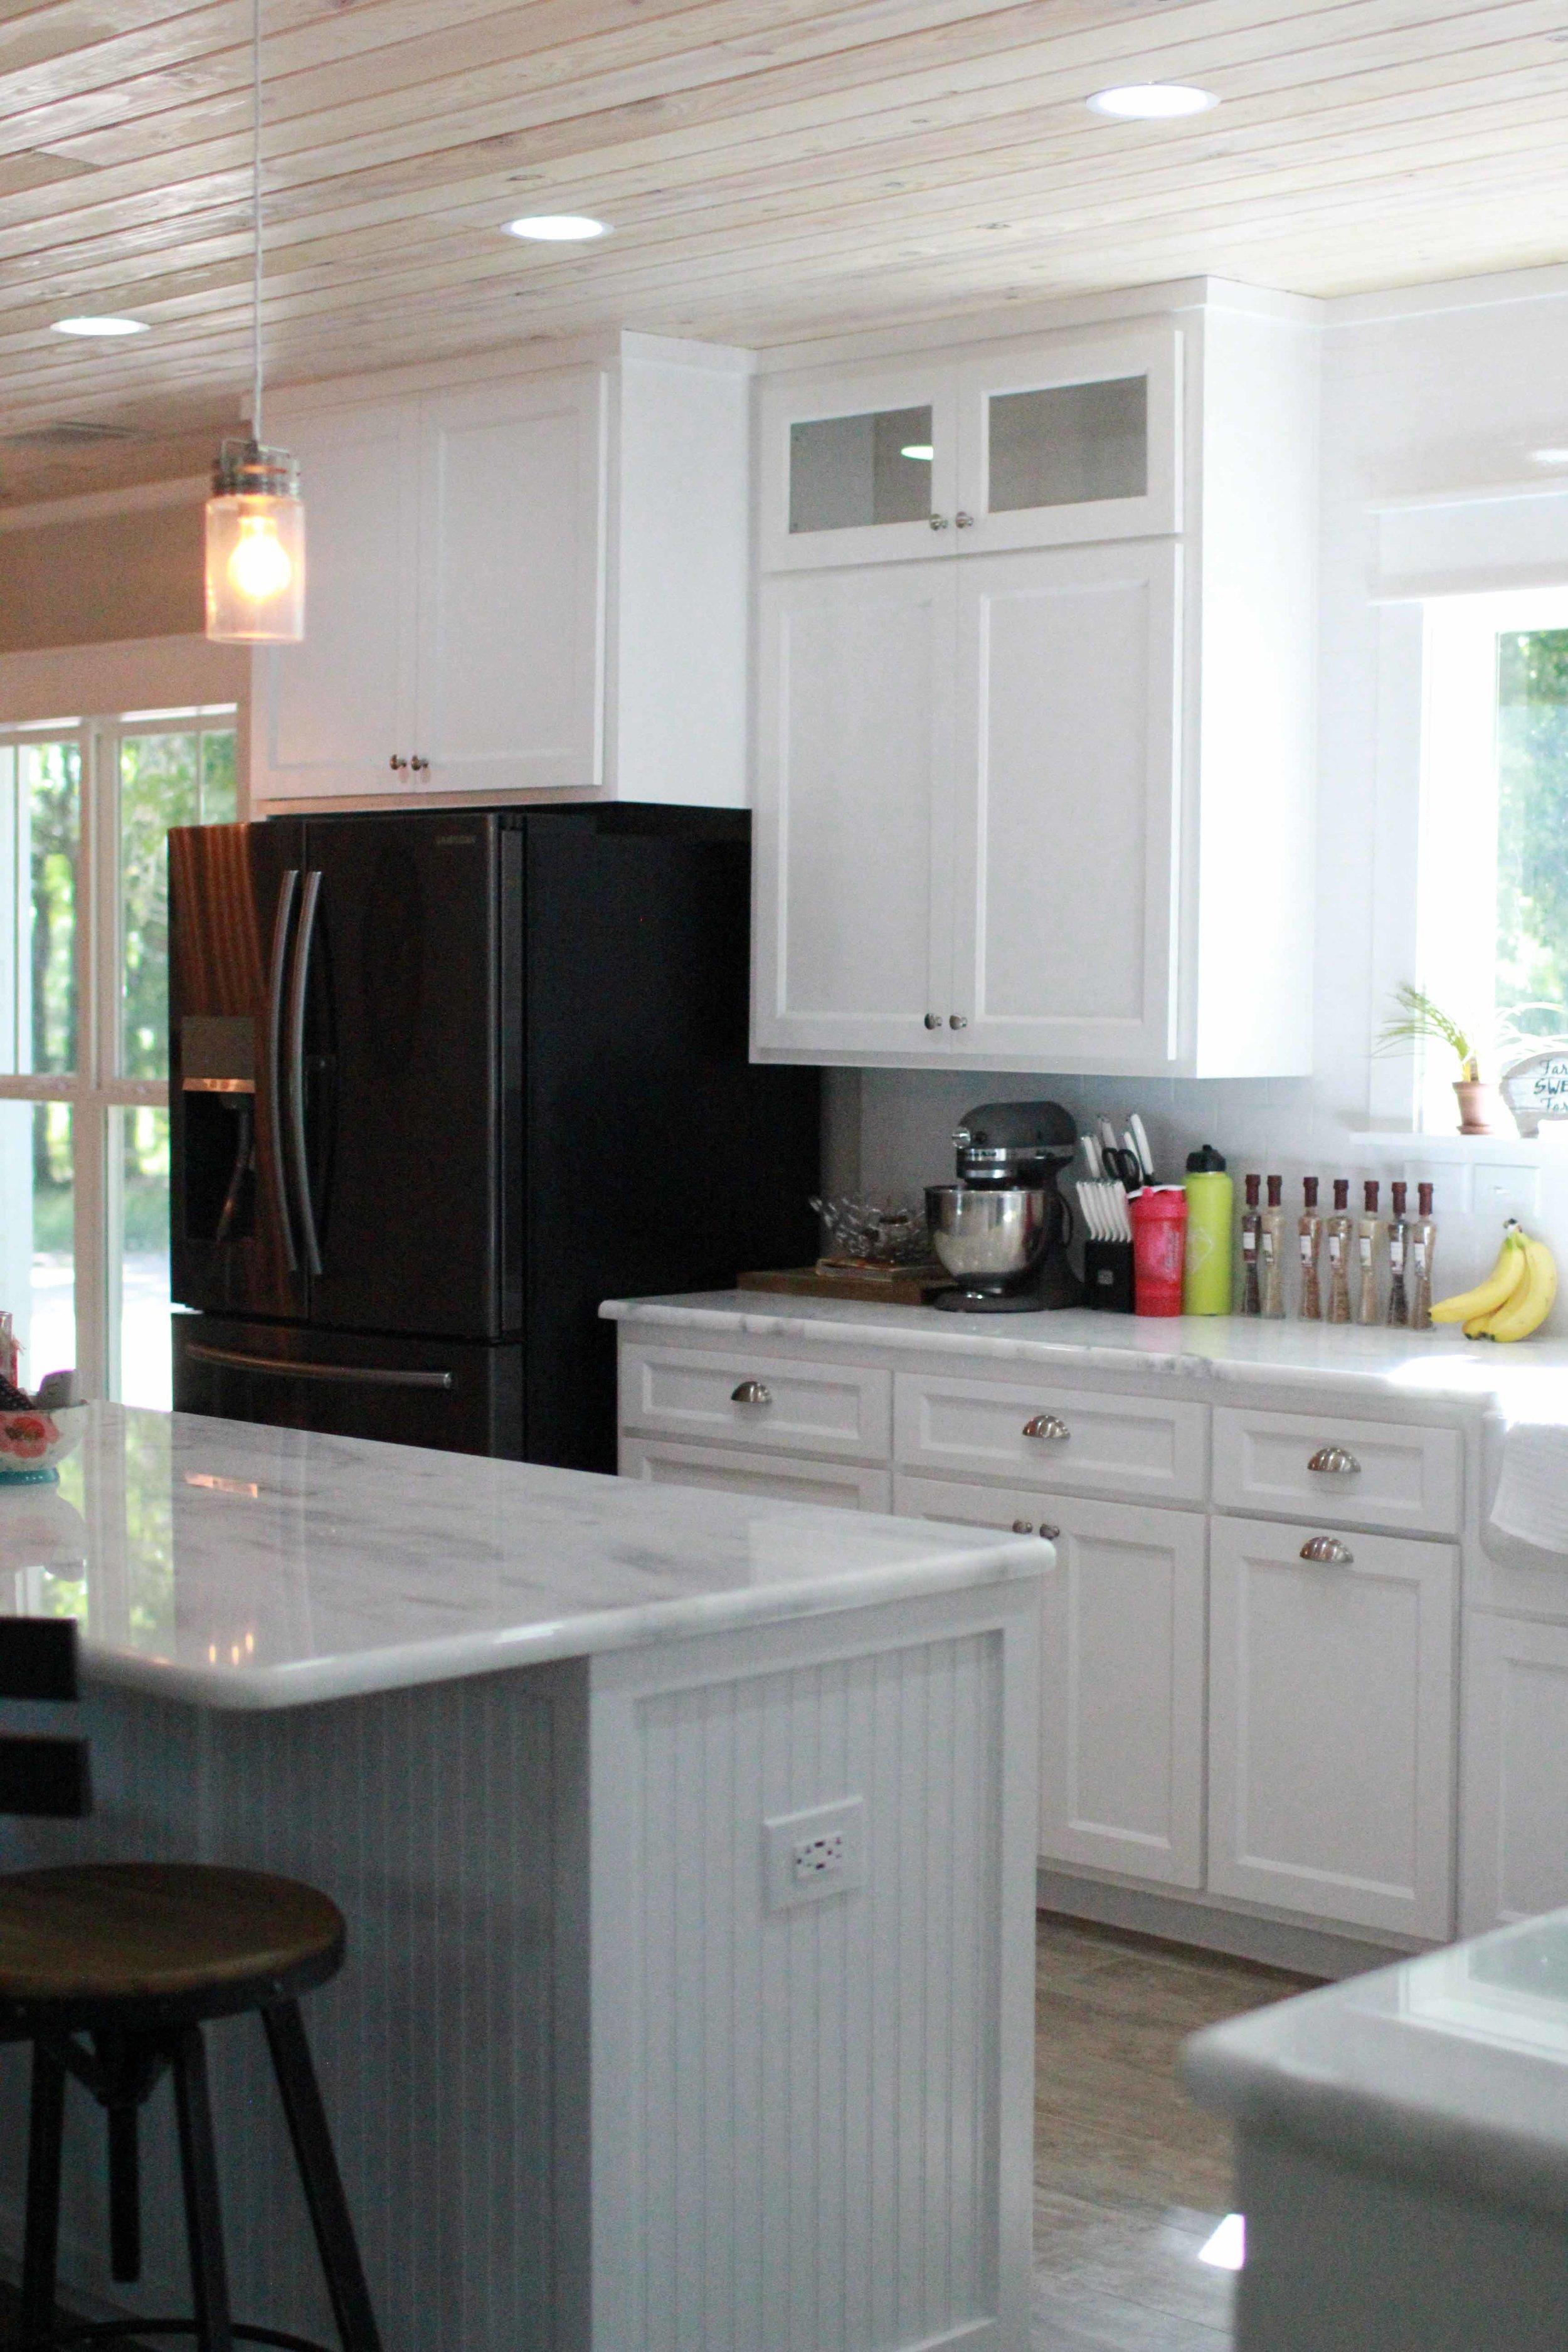 castleberry-custom-homes-farmhouse-remodel-6.jpg